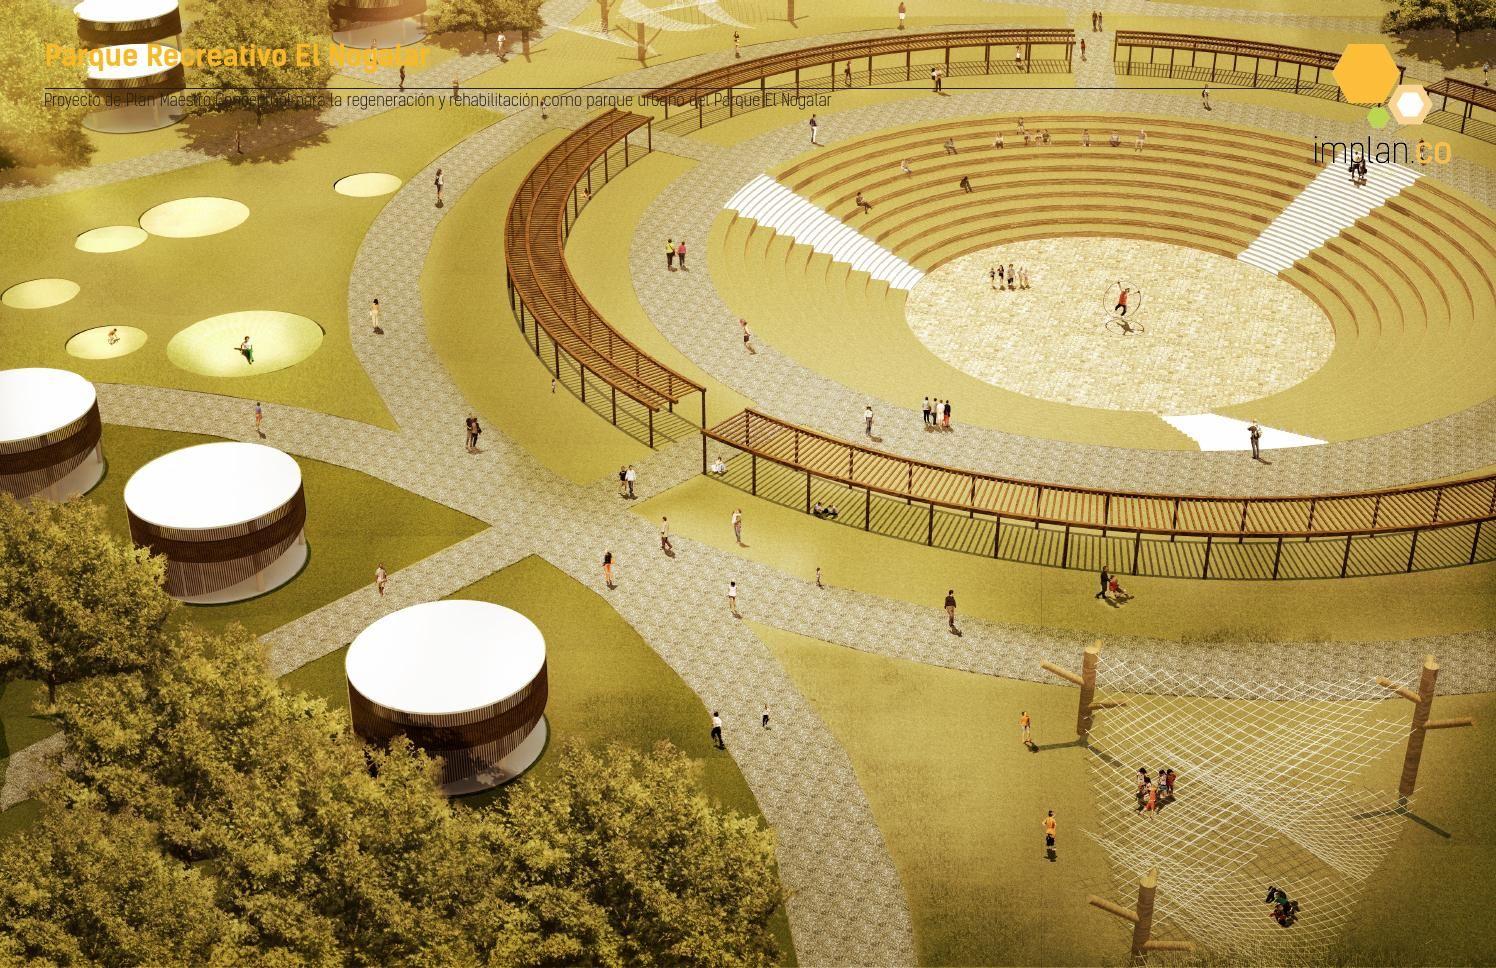 Parque Recreativo El Nogalar Parques Recreativos Proyectos